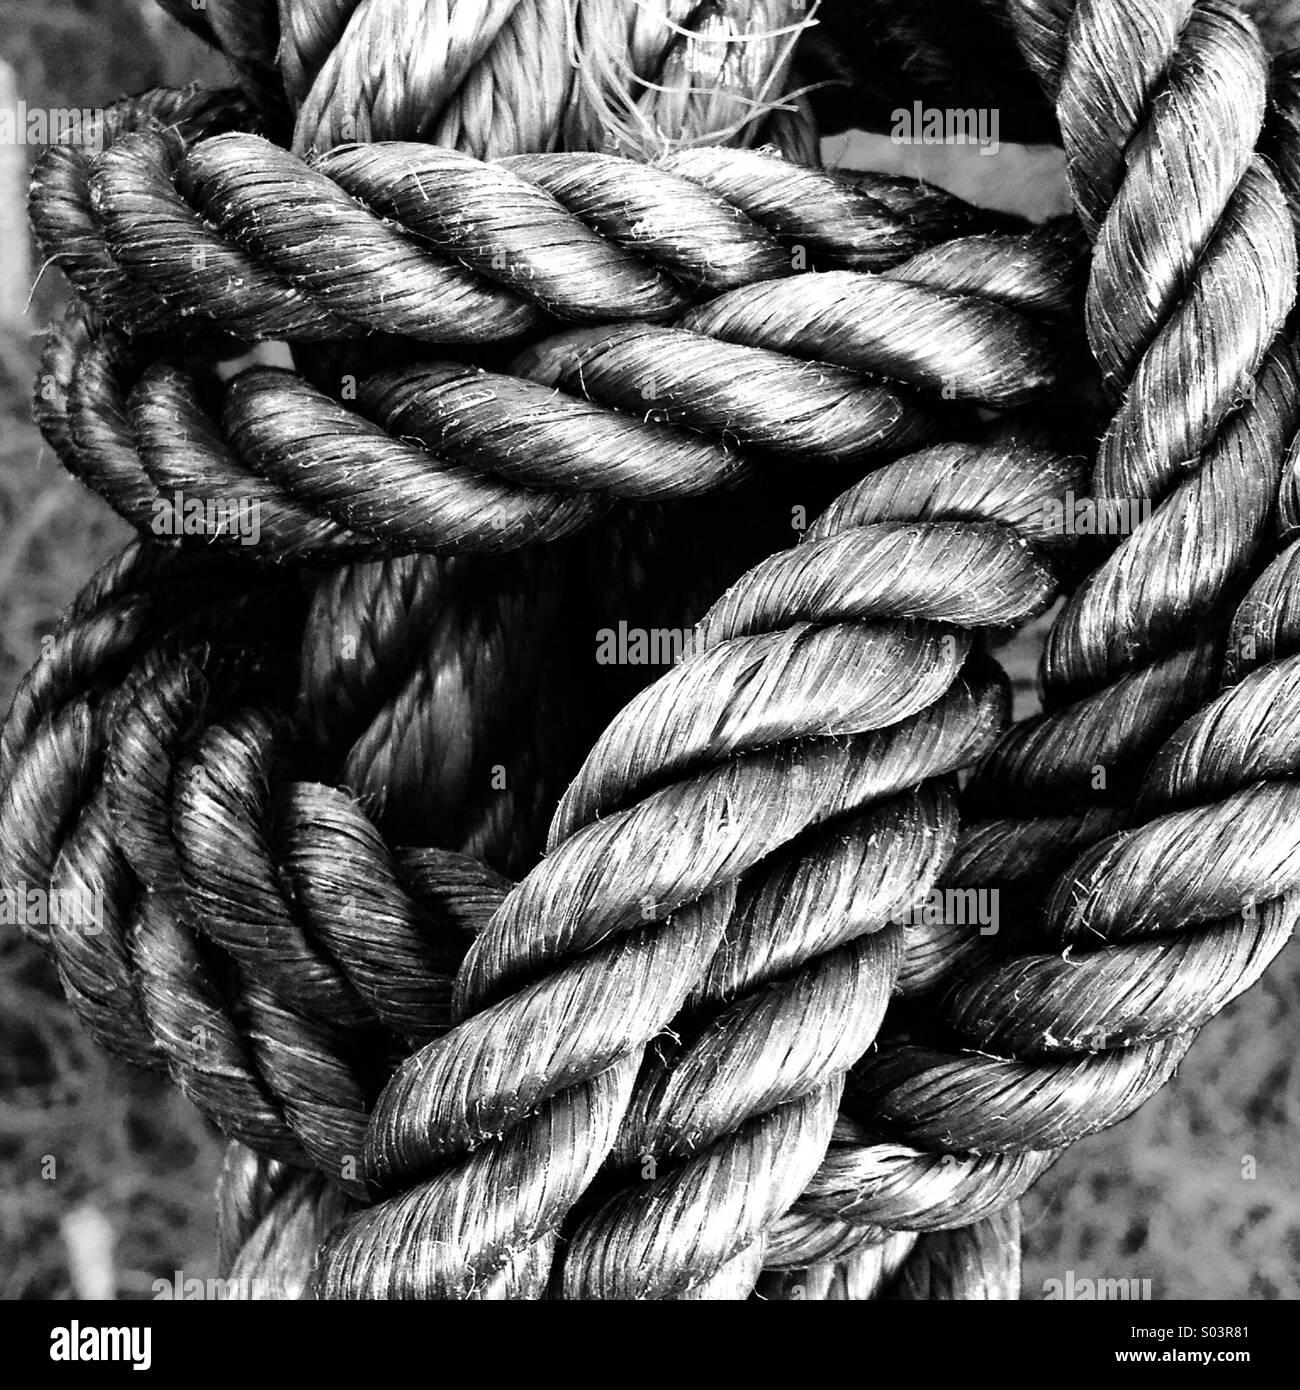 Textura de cuerda fuerte resistencia. Imagen De Stock